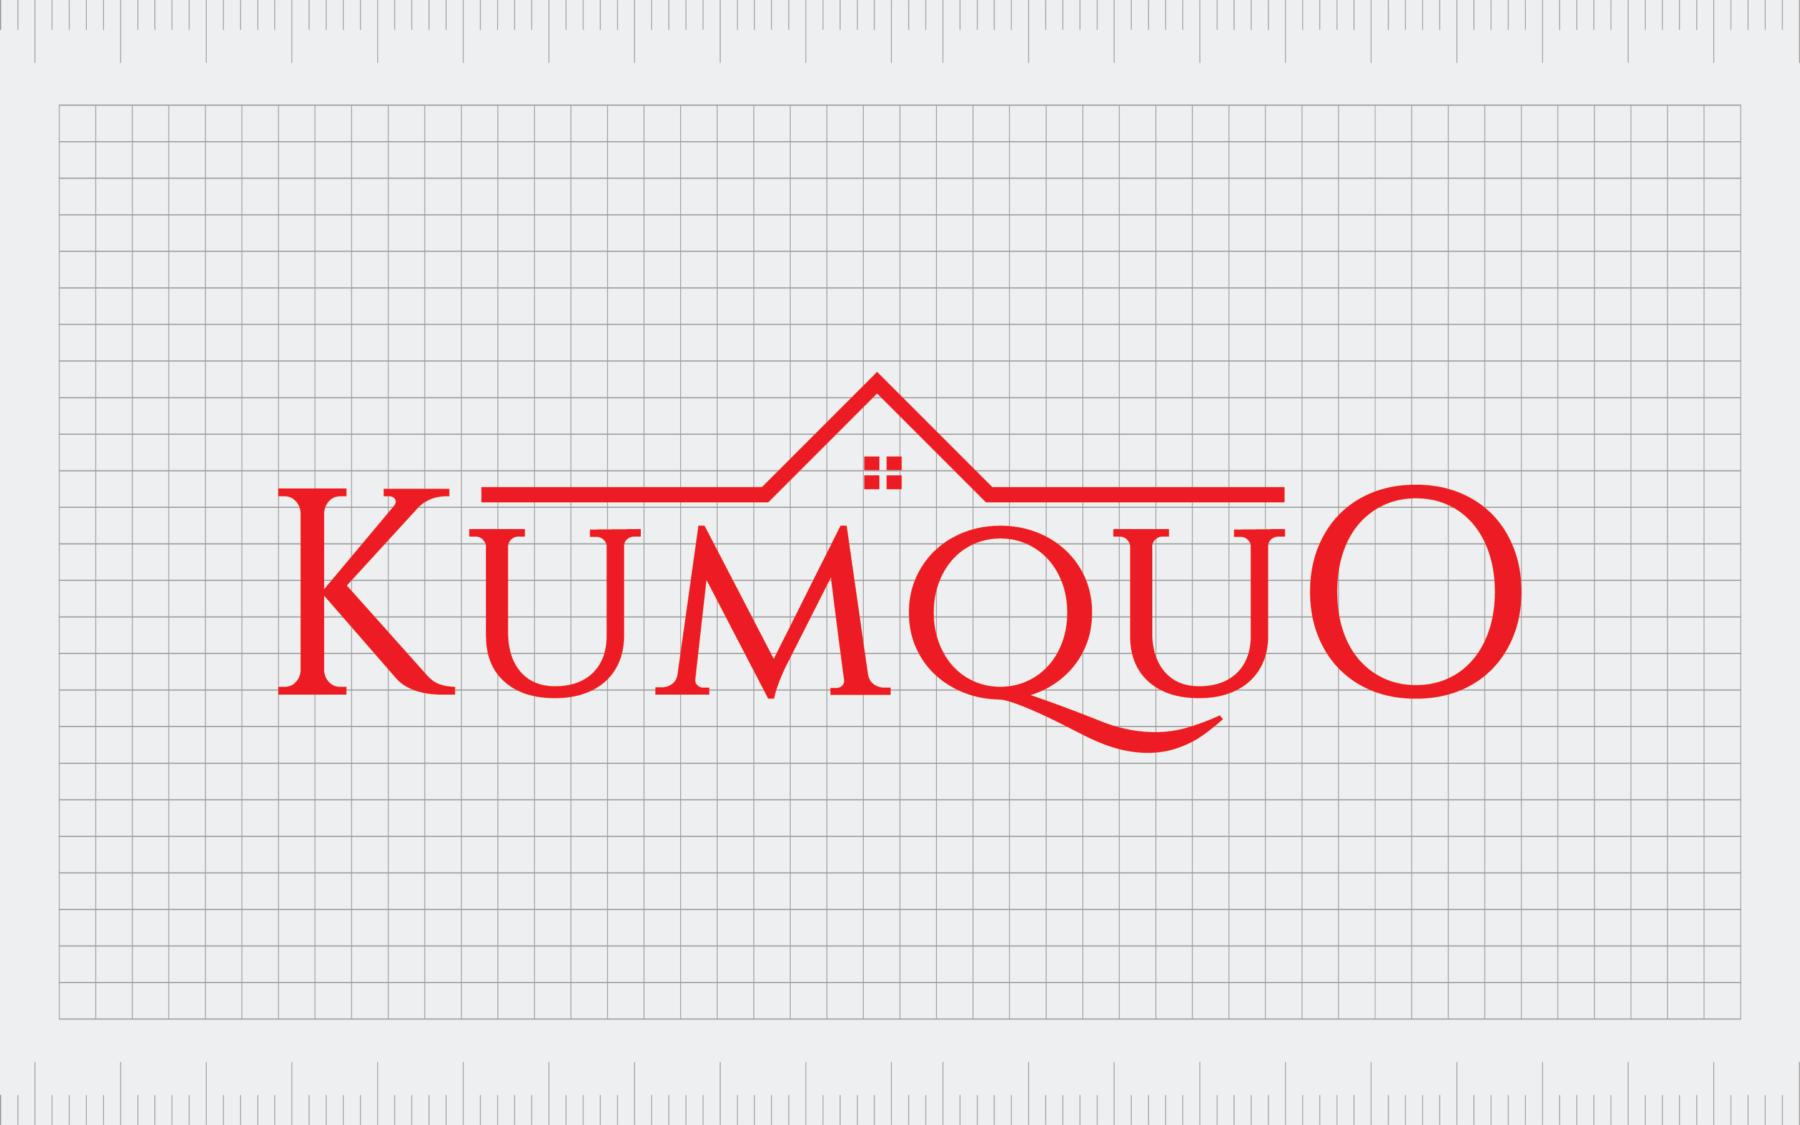 Kumquo